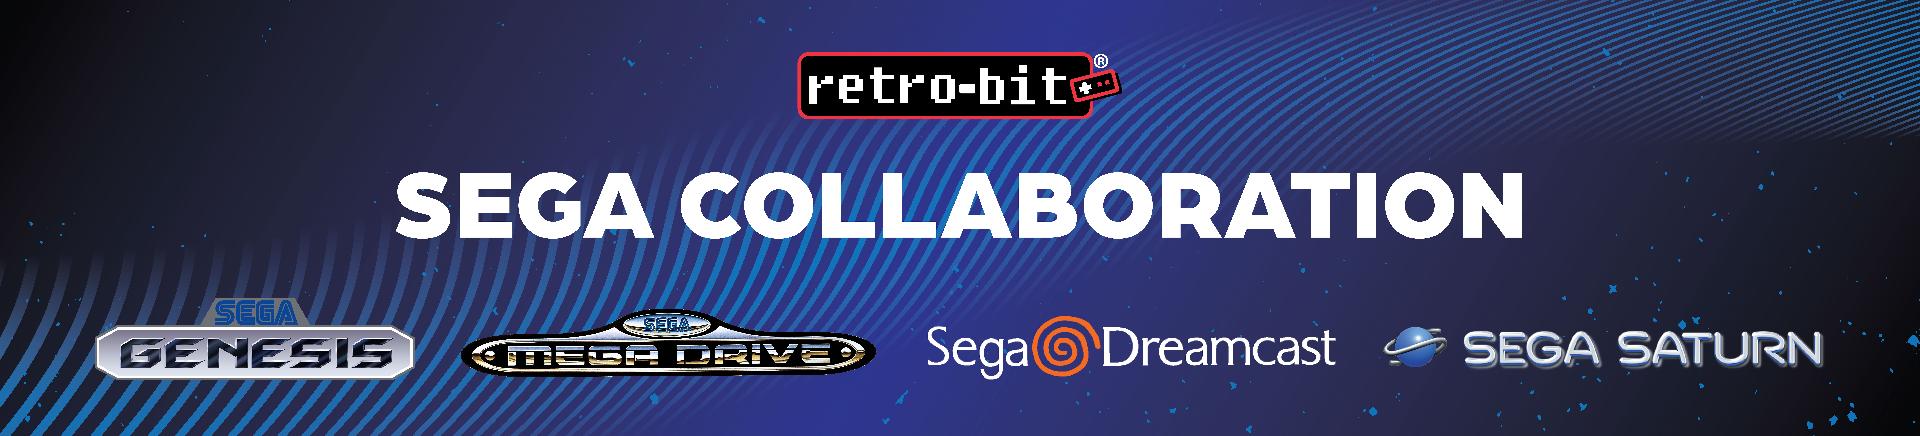 SEGA Collaboration